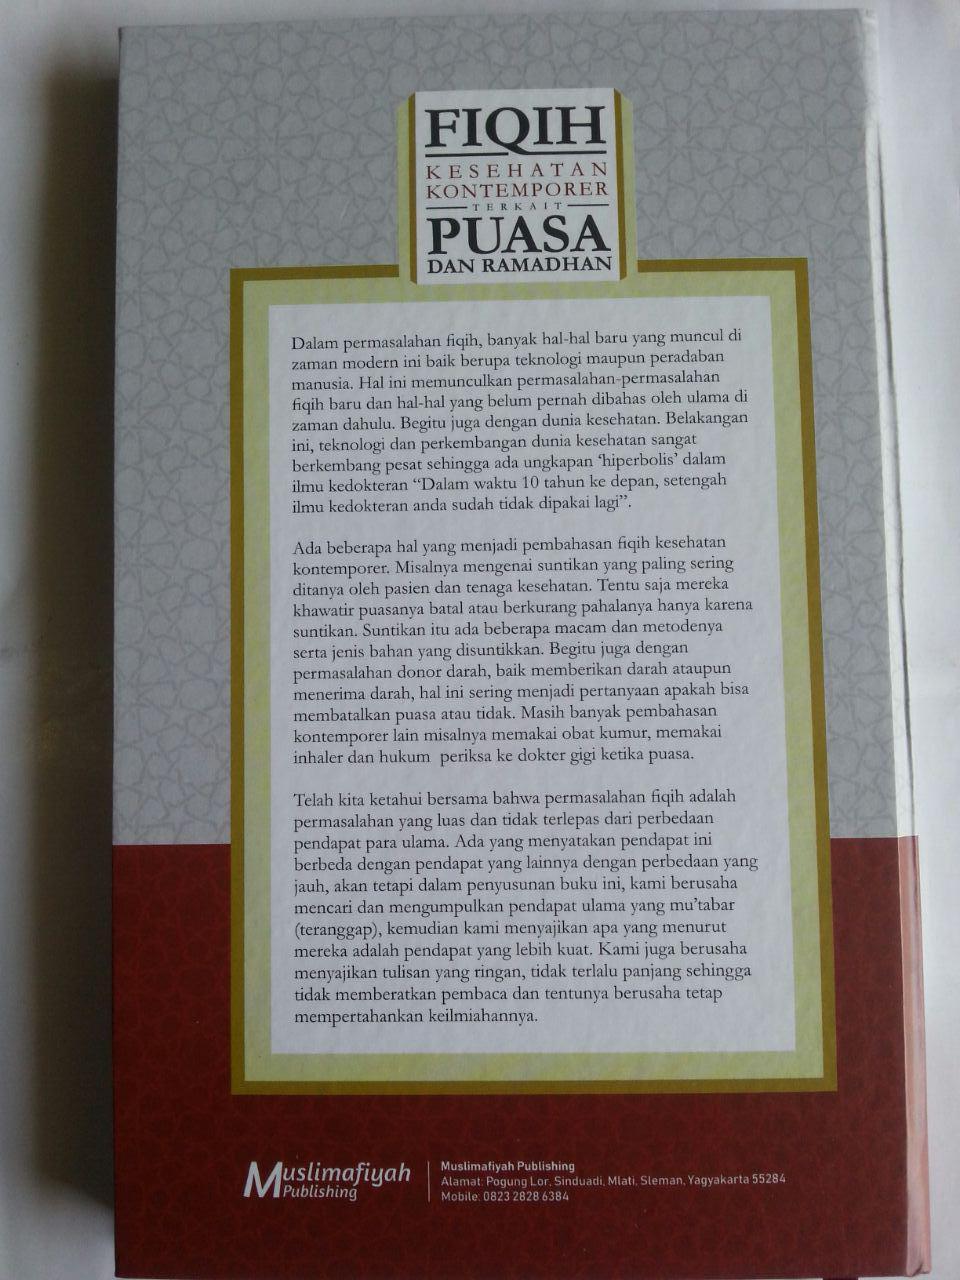 Buku Fiqih Kesehatan Kontemporer Terkait Puasa Dan Ramadhan cover